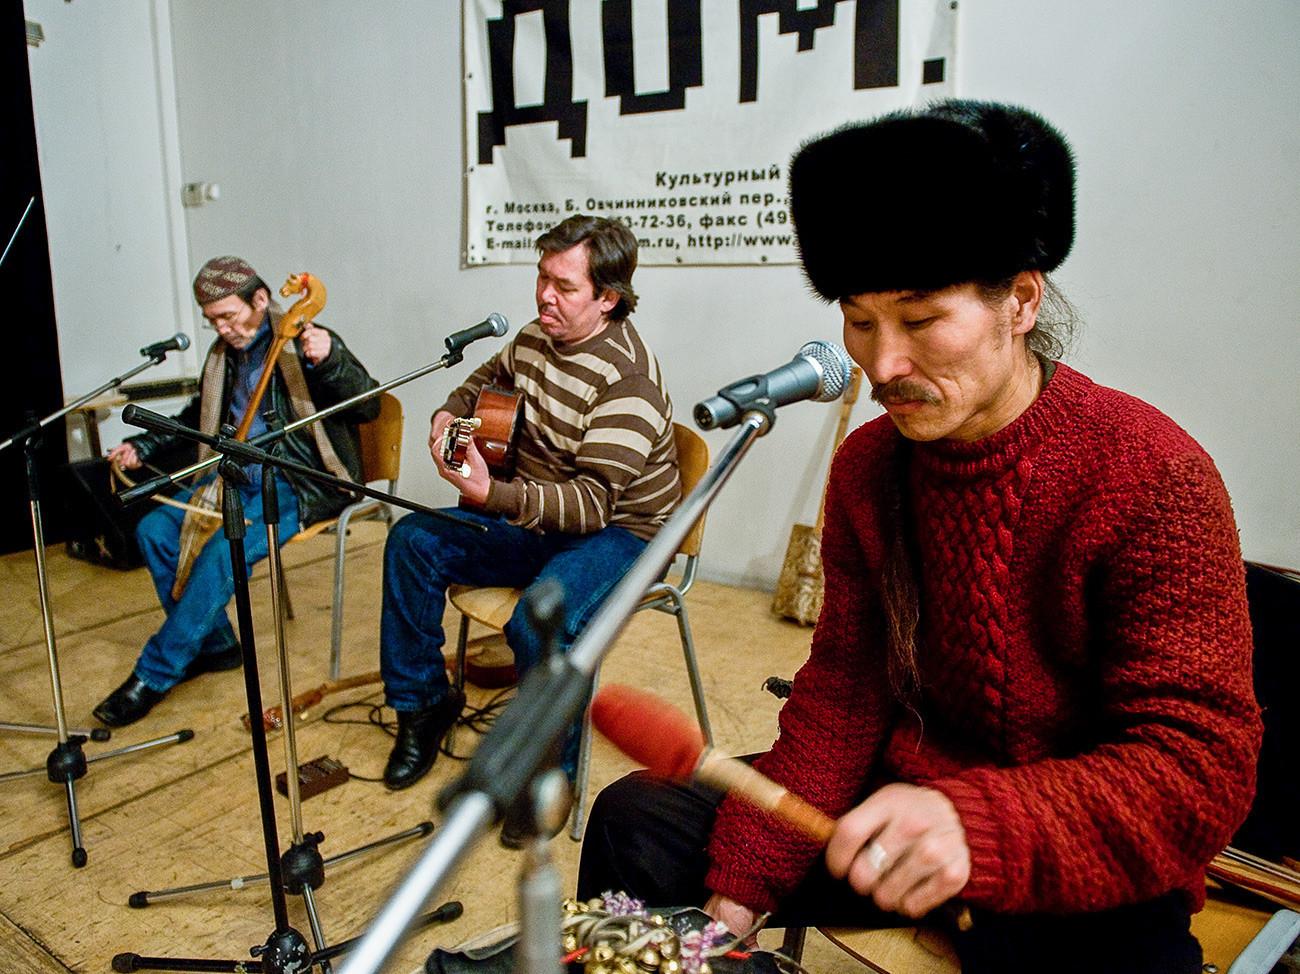 Članovi tuvinske grupe Huun-Huur-Tu na probi uoči koncerta u klubu